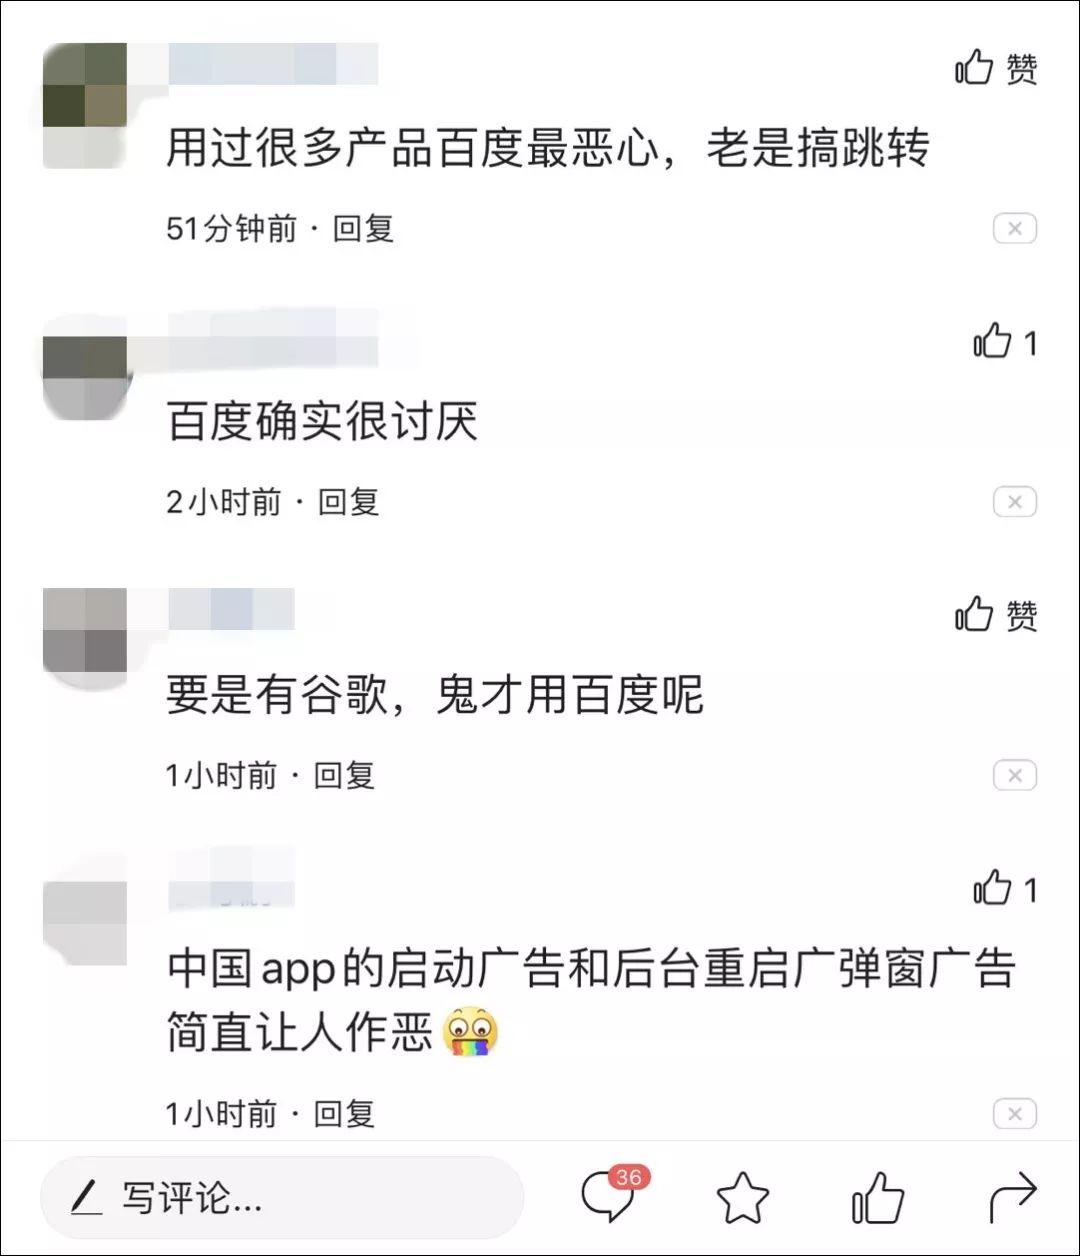 美团王兴:我把百度APP删了,恼人